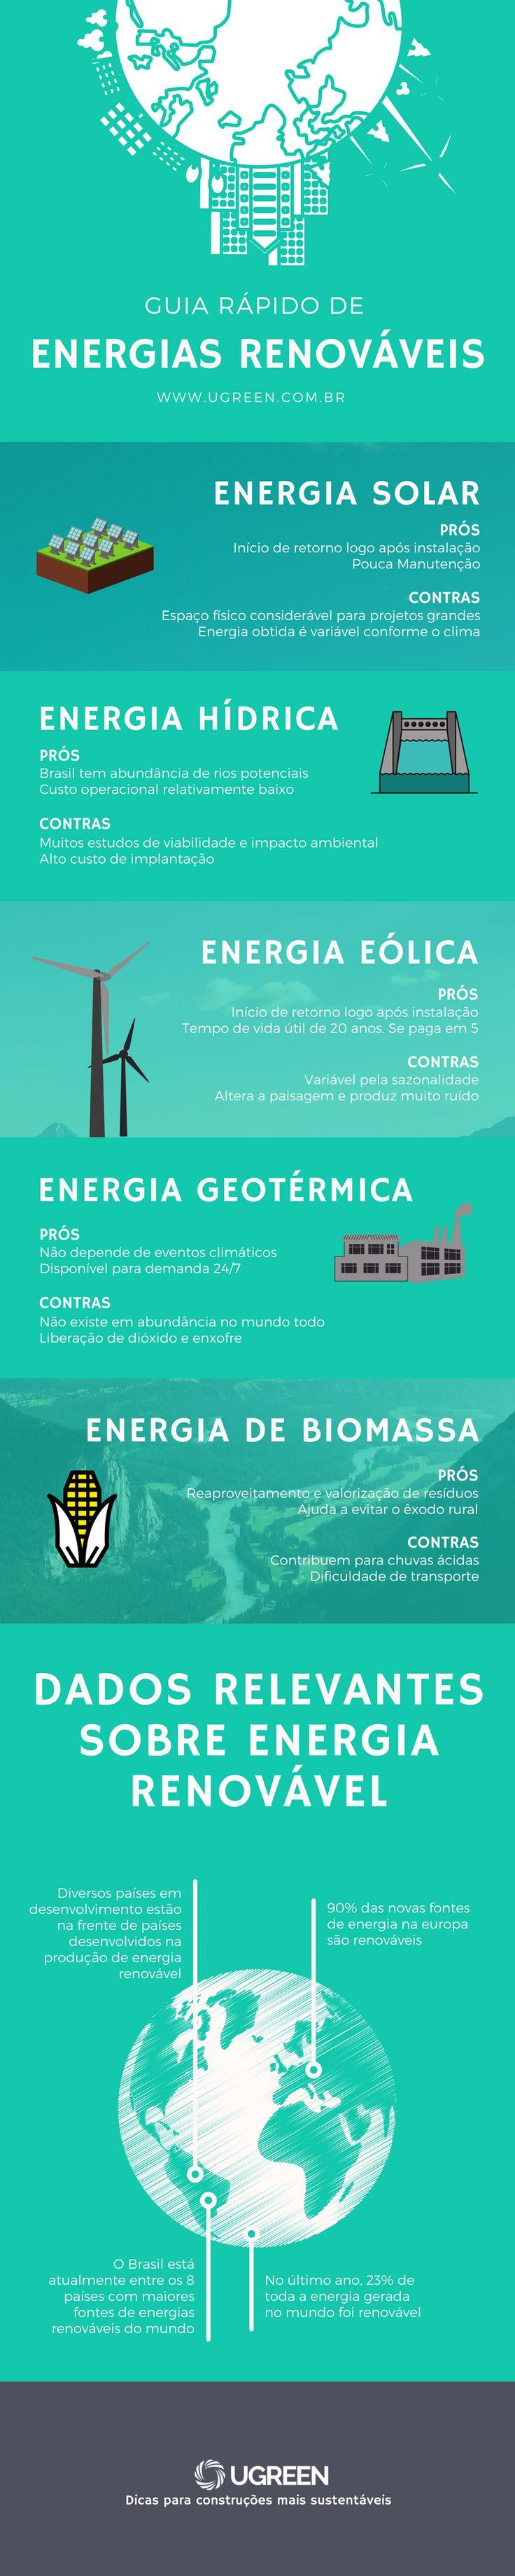 Você conhece todas as formas de energias renováveis disponíveis em nosso mercado? Leia mais em: www.ugreen.com.br/energias-renovaveis